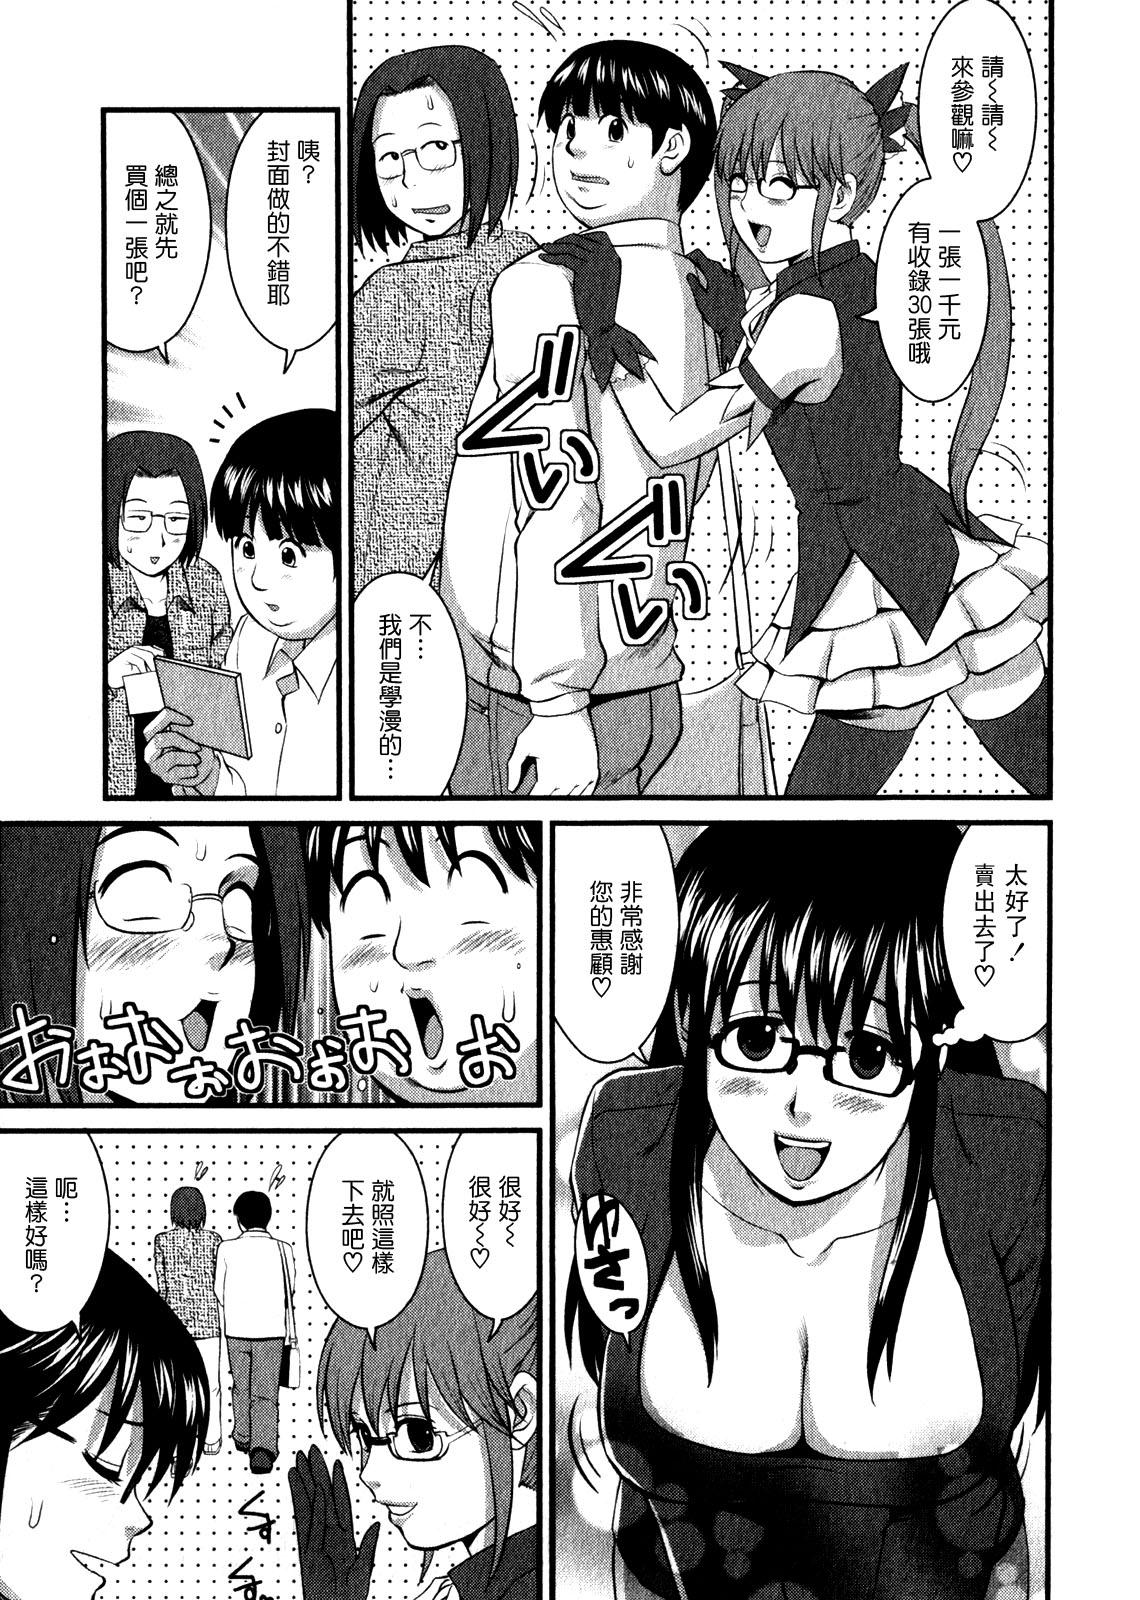 Otaku no Megami-san 1 116